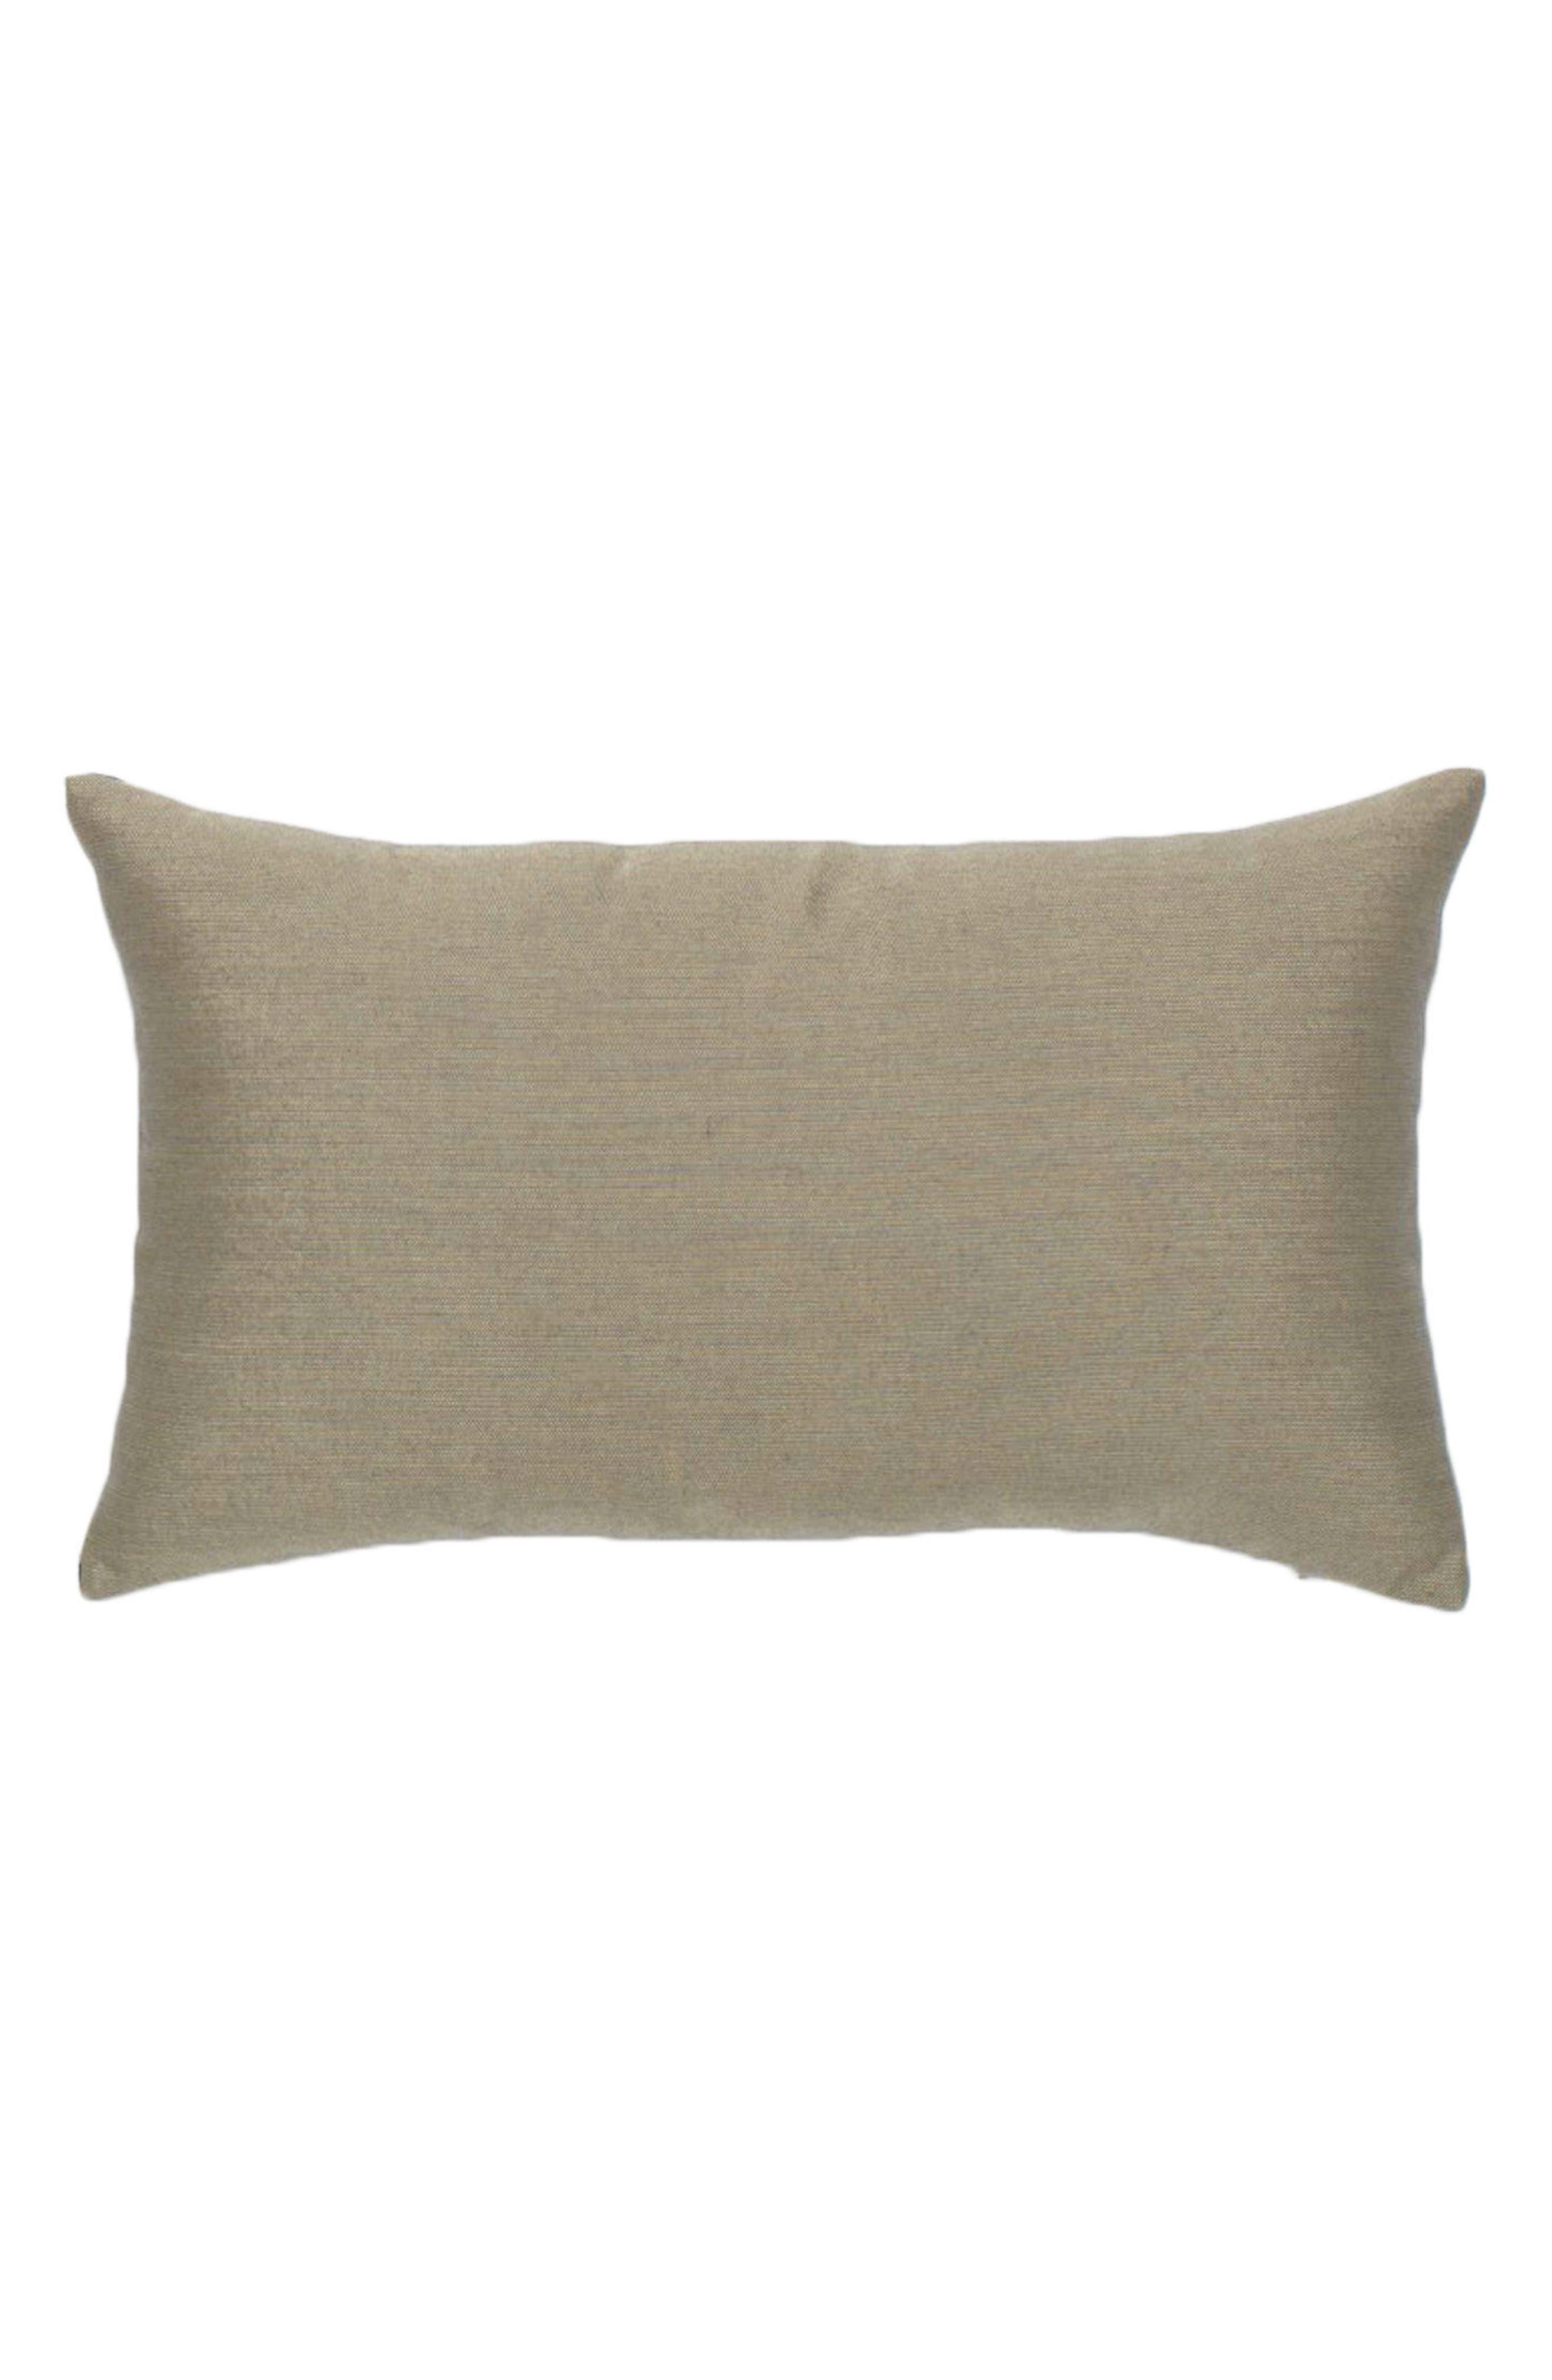 Divergence Indigo Lumbar Pillow,                             Alternate thumbnail 2, color,                             BLUE